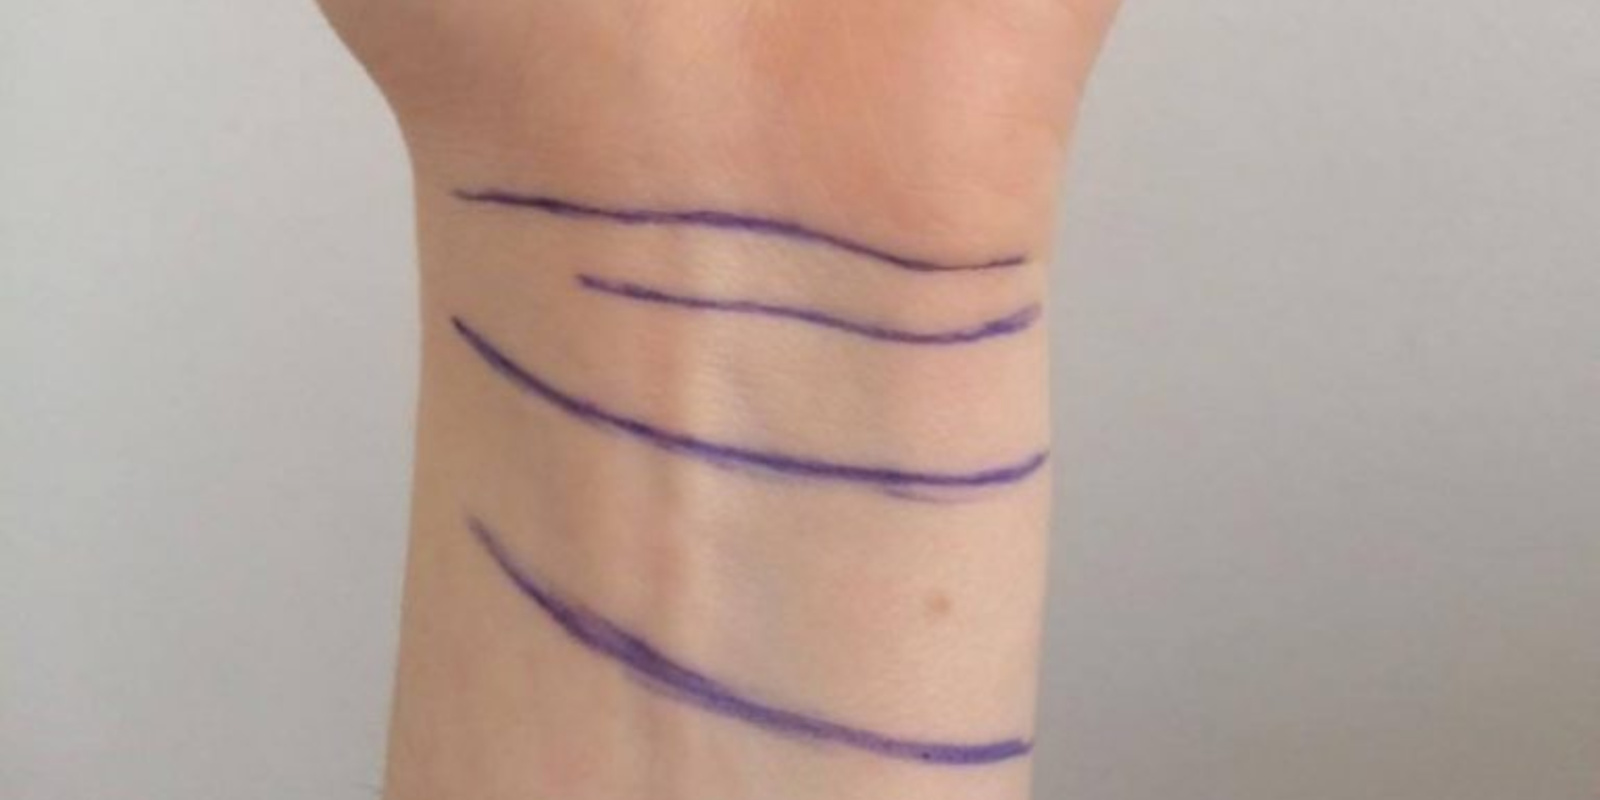 Pasitikrinkite, ką apie jus byloja linijos ant riešo